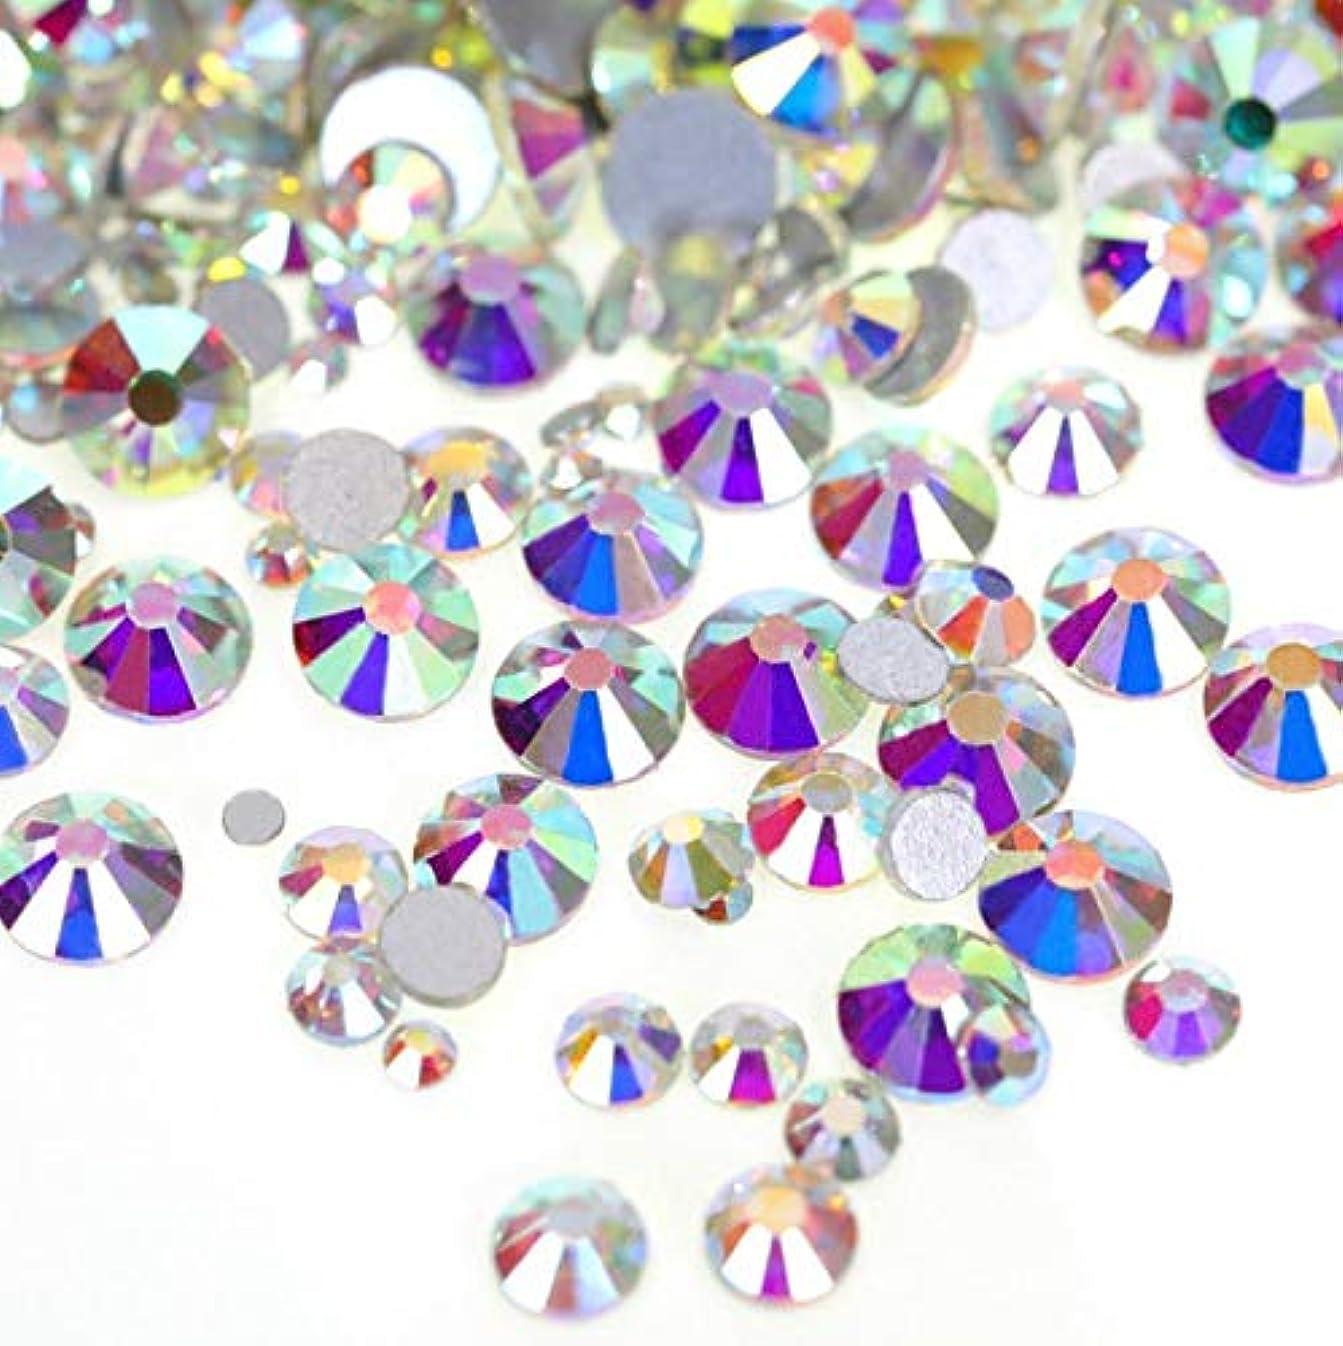 無線爪成熟した【ラインストーン77】 超高級 ガラス製ラインストーン SS3~SS40 オーロラクリスタル スワロフスキー同等 (1.3mm (SS3) 約200粒)